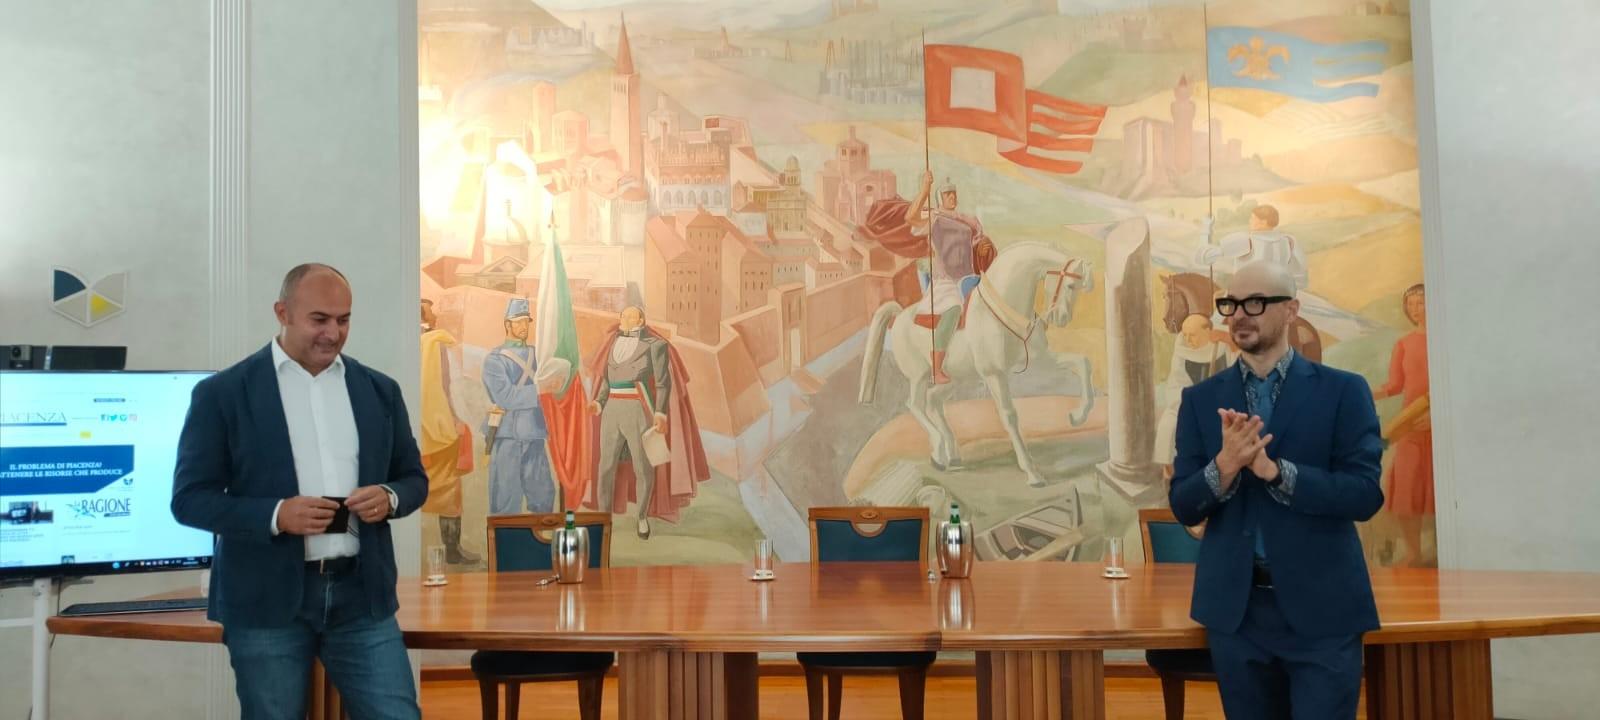 Presentazione-Spot-banca-Piacenza_4